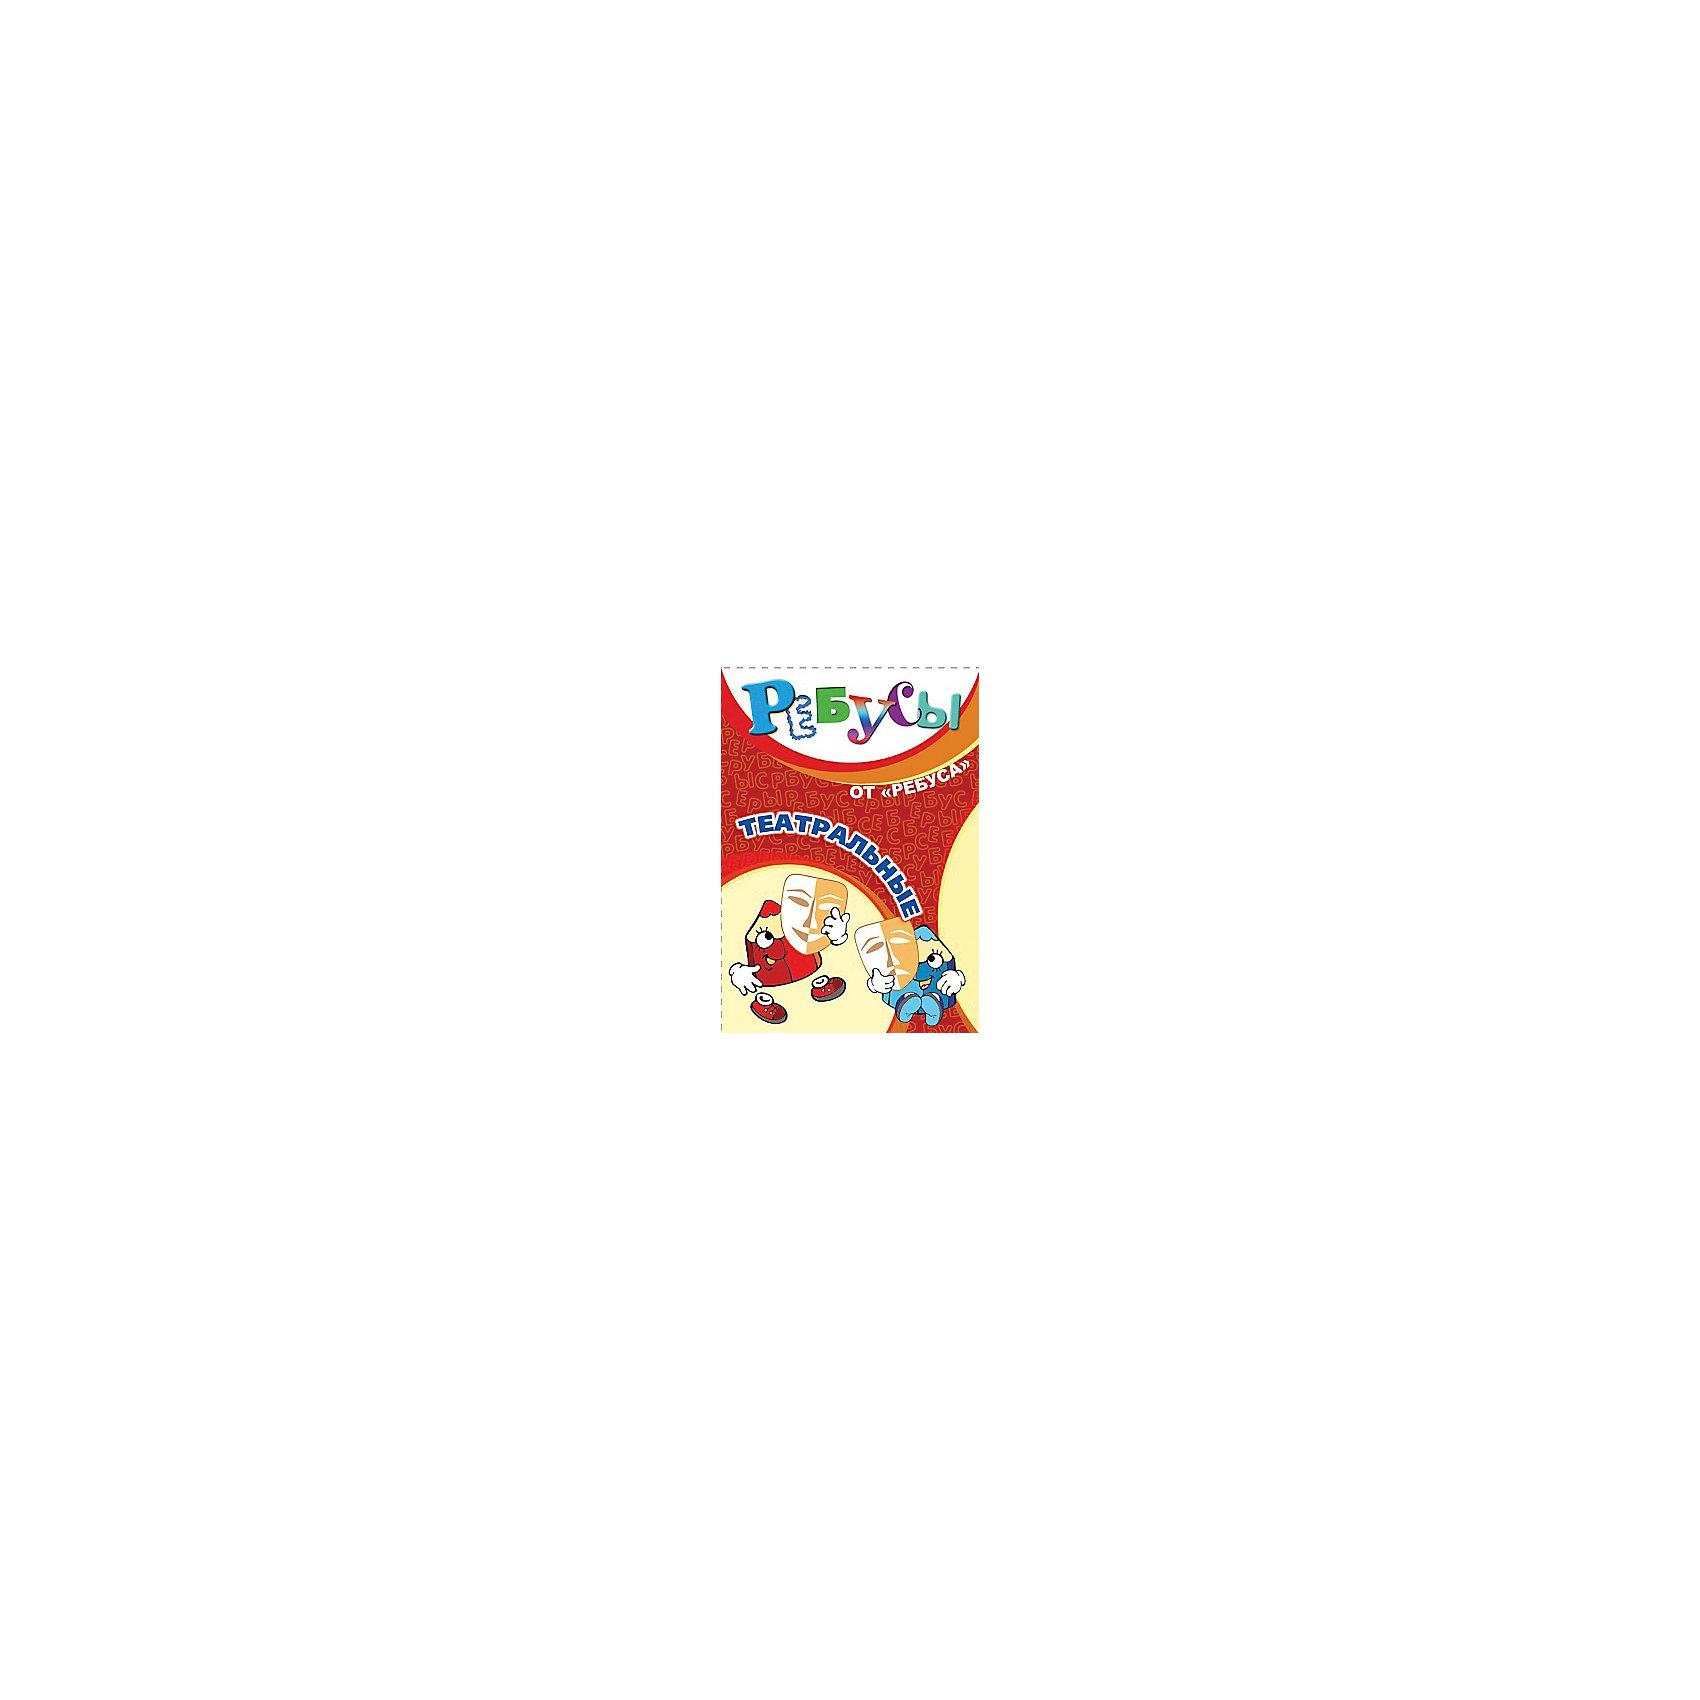 Ребусы Театральные, Игротека Татьяны БарчанВикторины и ребусы<br>Ребусы Театральные, Игротека Татьяны Барчан.<br><br>Характеристики:<br><br>• Для детей в возрасте: от 6 до 12 лет<br>• В комплекте: 20 карточек с ребусами, ответы, инструкция<br>• Размер карточек: 10,5х6,5 см.<br>• Материал: плотный качественный картон<br>• Производитель: ЦОТР Ребус (Россия)<br>• Упаковка: картонная коробка<br>• Размер упаковки: 115х85х20 мм.<br>• Вес: 55 гр.<br><br>Познакомить ребенка со словами на театральную тематику можно во время веселой и занимательной игры - разгадывания ребусов. В комплекте вы найдете 20 карточек с зашифрованными словами, а также правила разгадывания ребусов. <br><br>Задания можно использовать в конкурсах, викторинах, на праздниках. Небольшой формат позволяет взять игру в дорогу. Занимательный процесс разгадывания ребусов способствует развитию у детей внимания, пространственно-логического мышления и наблюдательности.<br><br>Ребусы Театральные, Игротека Татьяны Барчан можно купить в нашем интернет-магазине.<br><br>Ширина мм: 120<br>Глубина мм: 85<br>Высота мм: 20<br>Вес г: 50<br>Возраст от месяцев: 72<br>Возраст до месяцев: 144<br>Пол: Унисекс<br>Возраст: Детский<br>SKU: 6751362